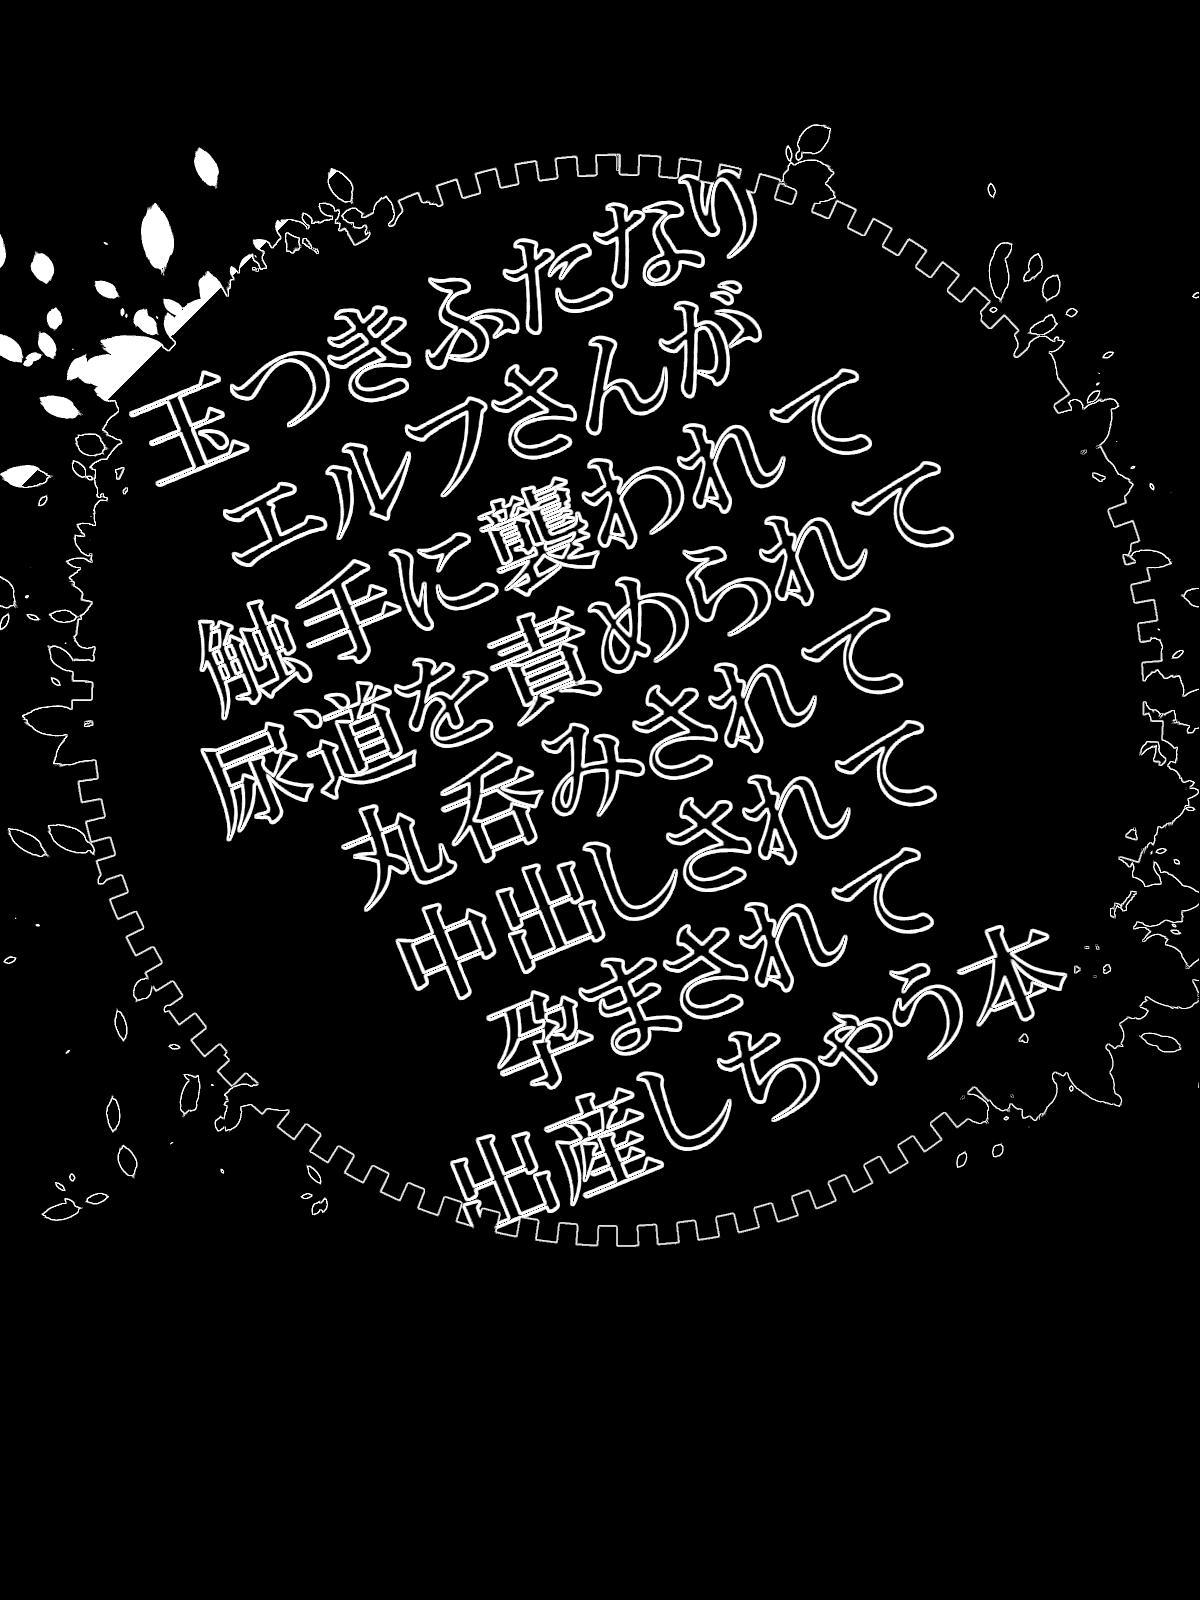 Tamatsuki Futanari Elf-san ga Shokushu ni Osowarete Nyoudou o Semerarete Marunomi Sarete Nakadashi Sarete Haramasarete Shussan Shichau Hon 82